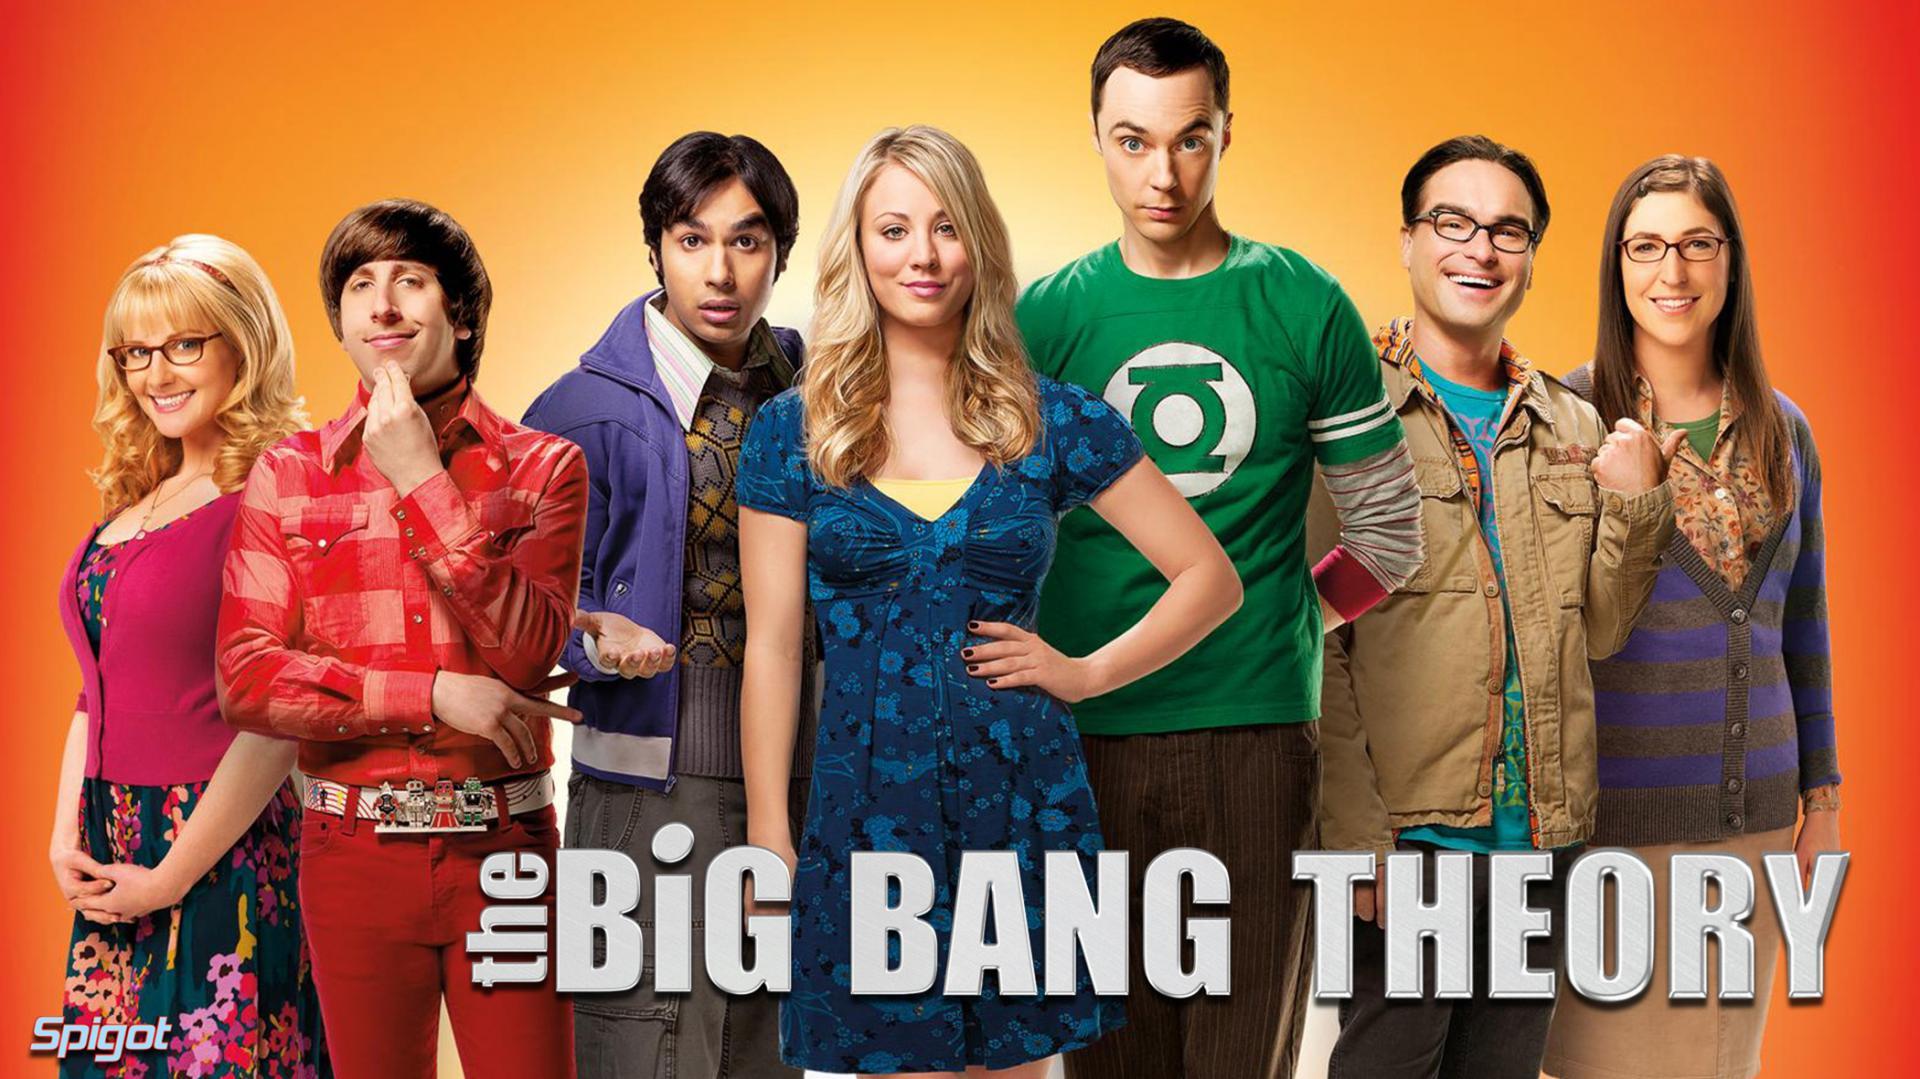 The_Big_Bang_Theory_TV_Series-665880121-large